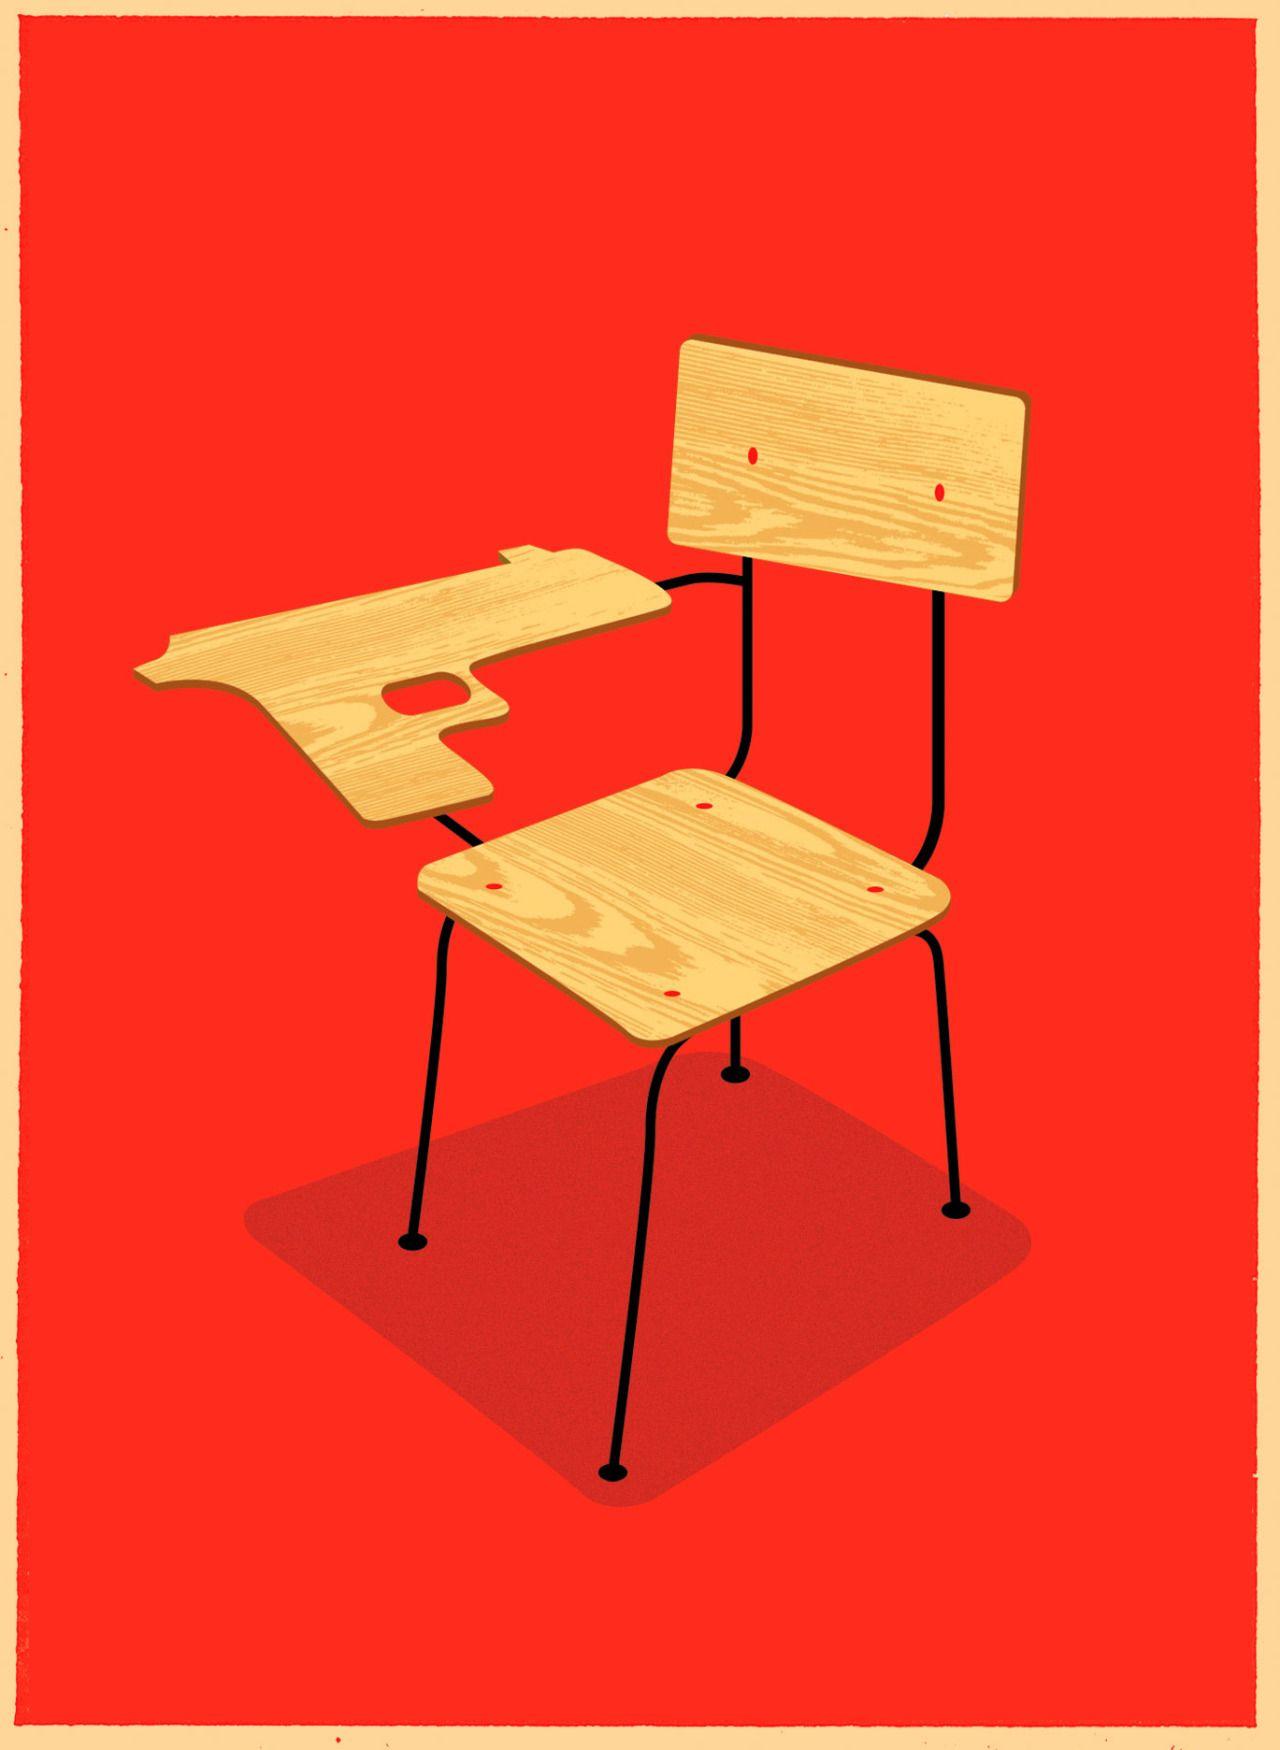 Omunday School Shootings School Illustration Editorial Illustration